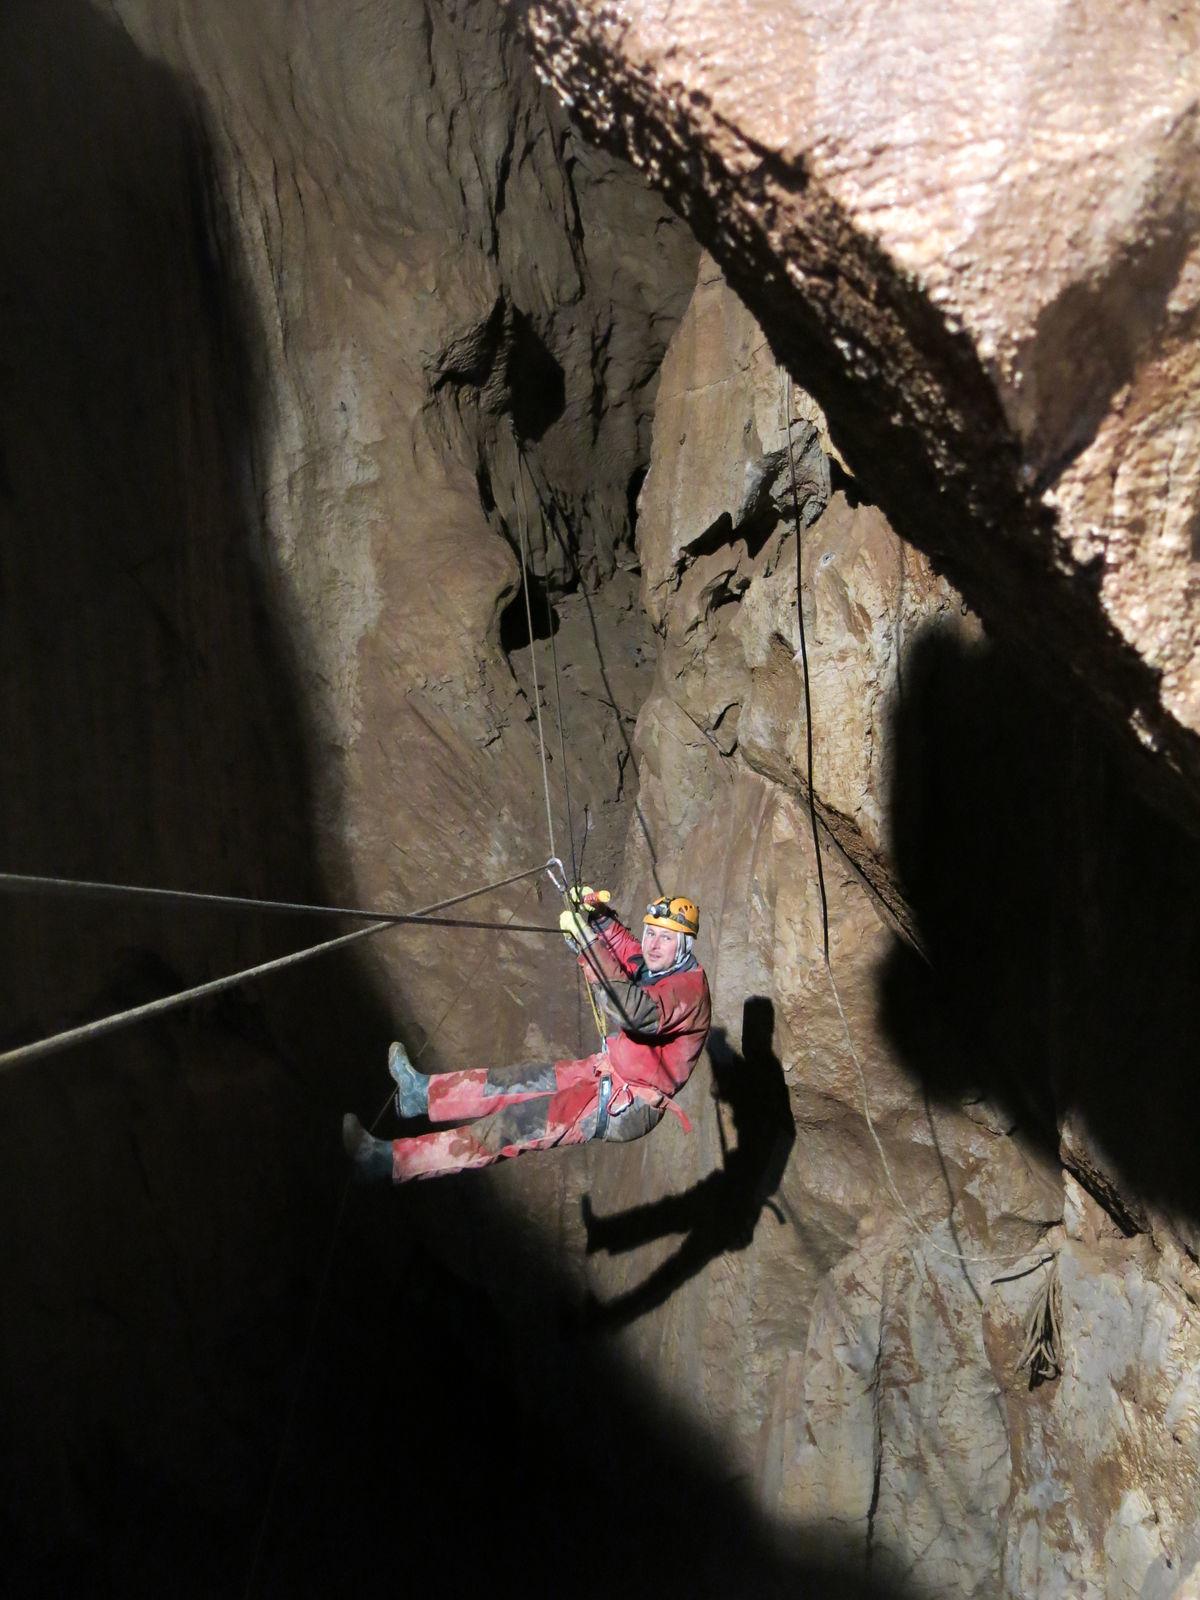 Všetko je viackrát istené, v jaskyni sa nesmie stať žiadna chyba. Záchranná akcia by bola extrémne náročná a zdĺhavá.